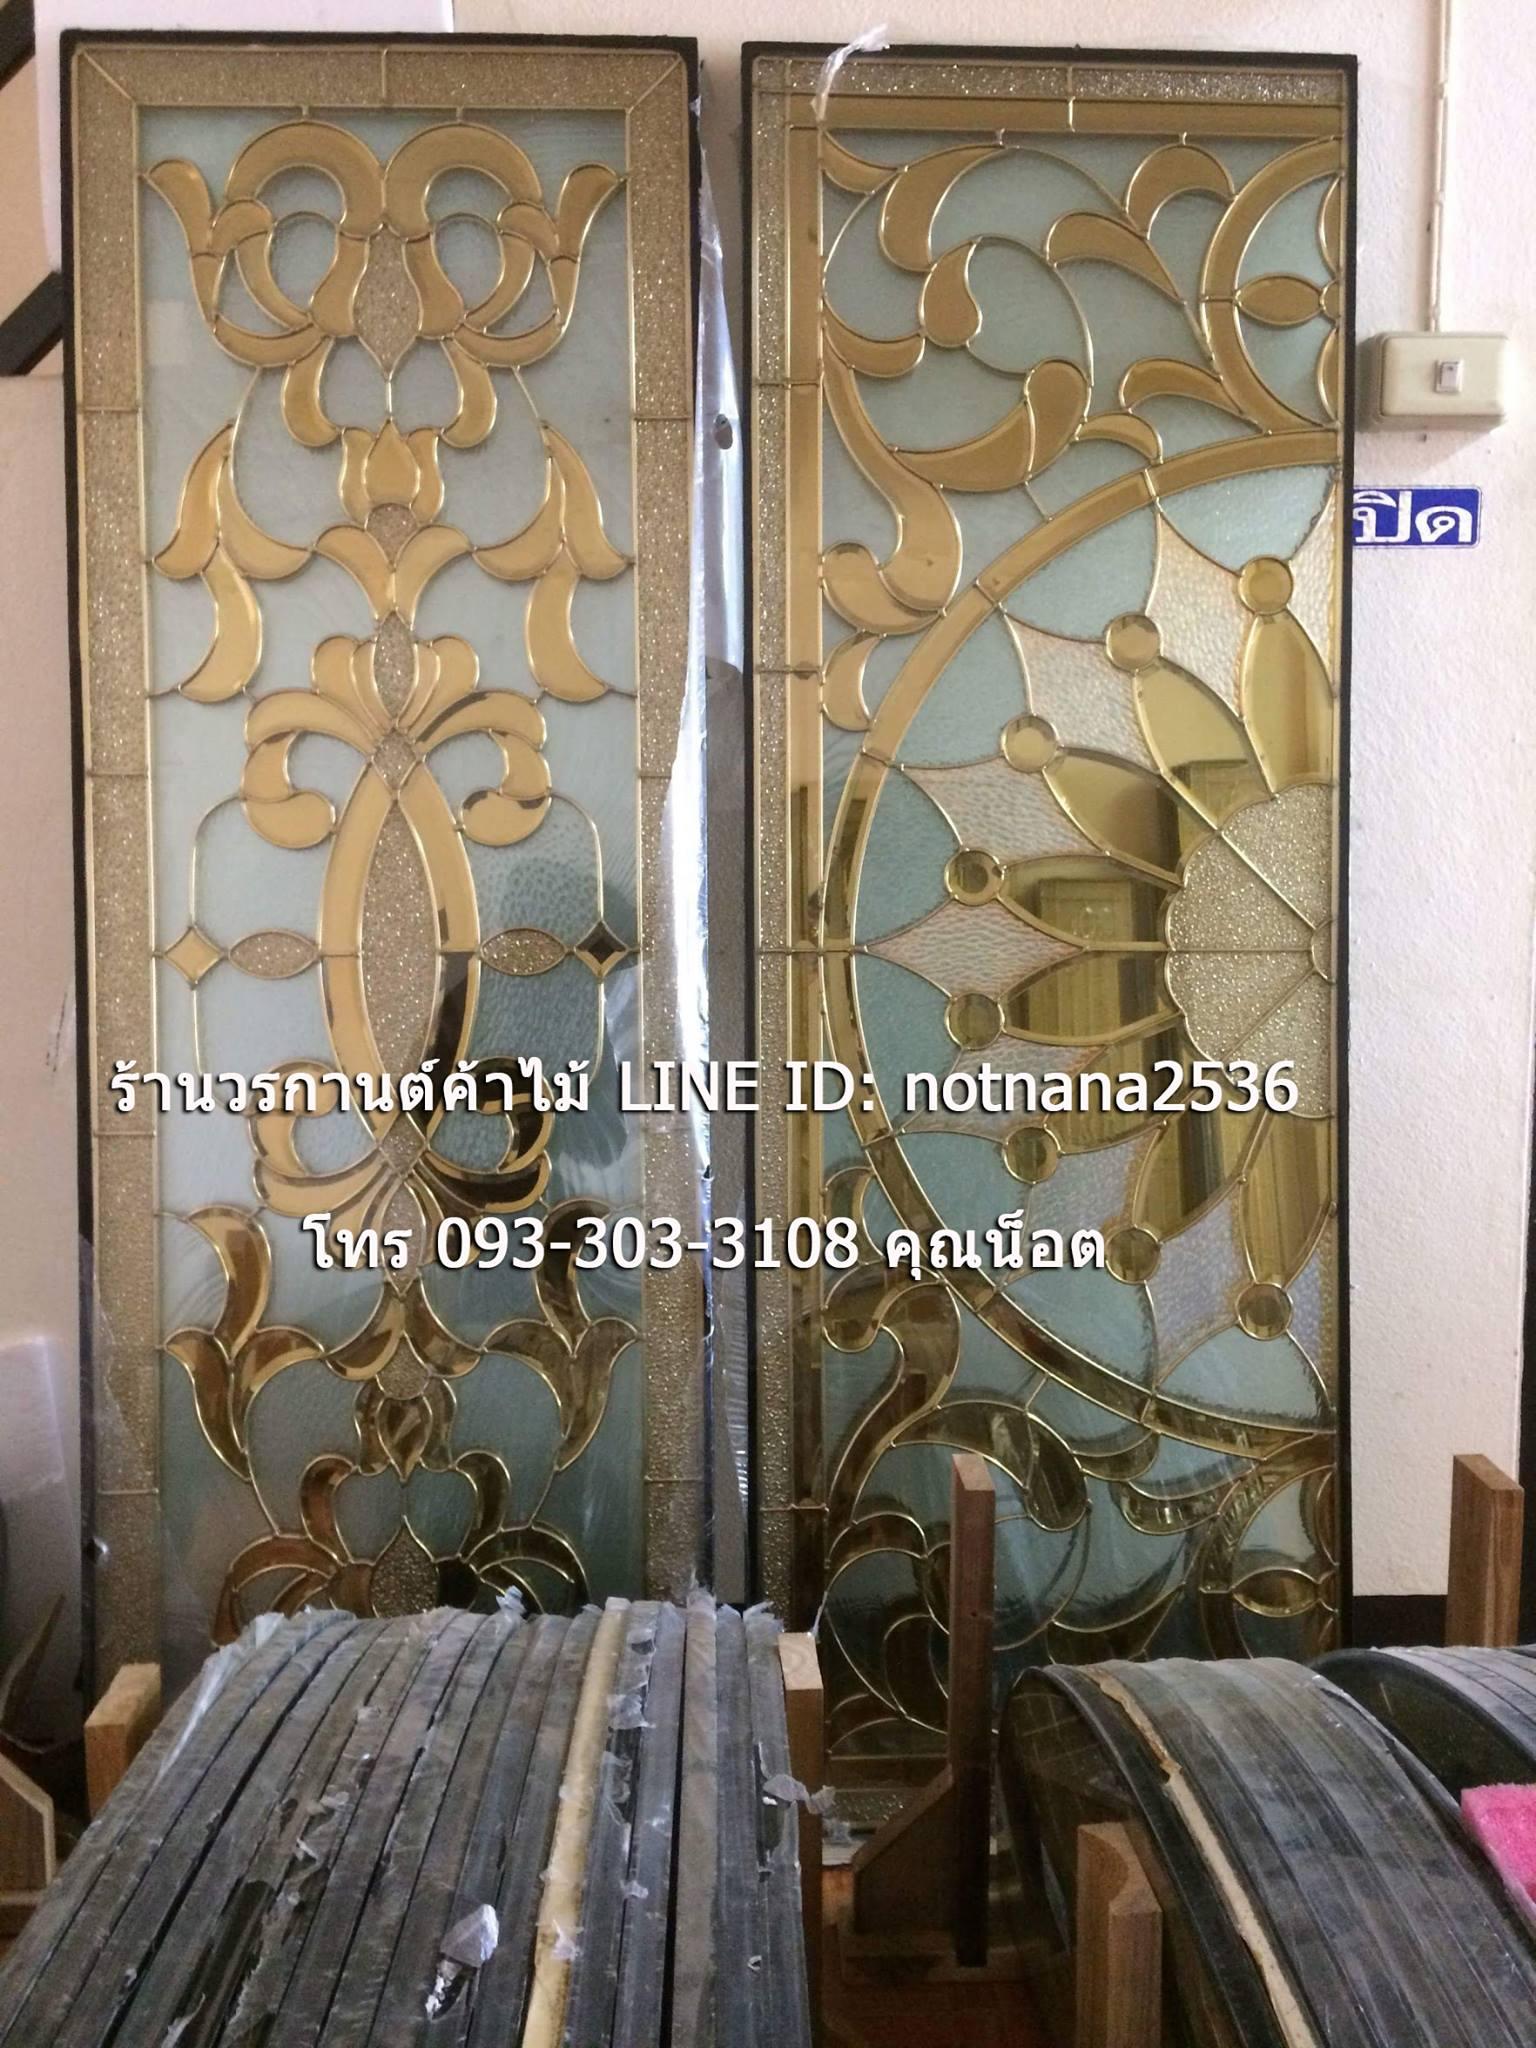 กระจกนิรภัยสเตนกลาส, ประตูไม้สัก รหัส G67